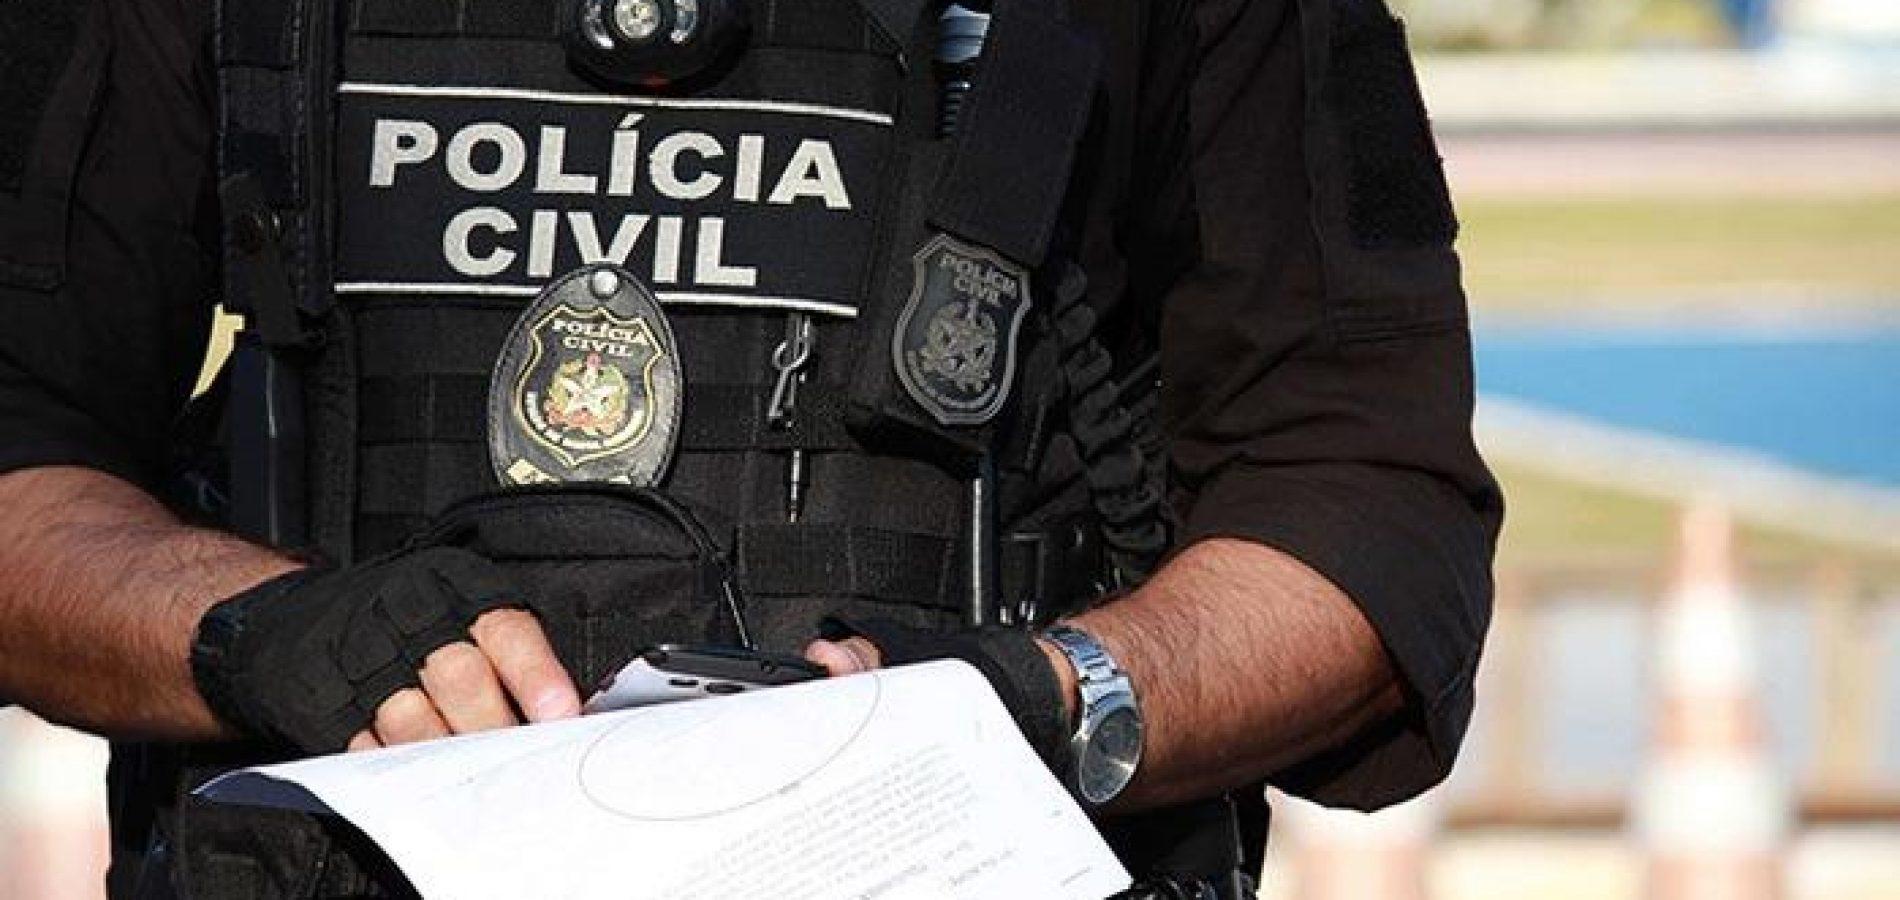 Ação contra feminicídio prende 643 pessoas no país